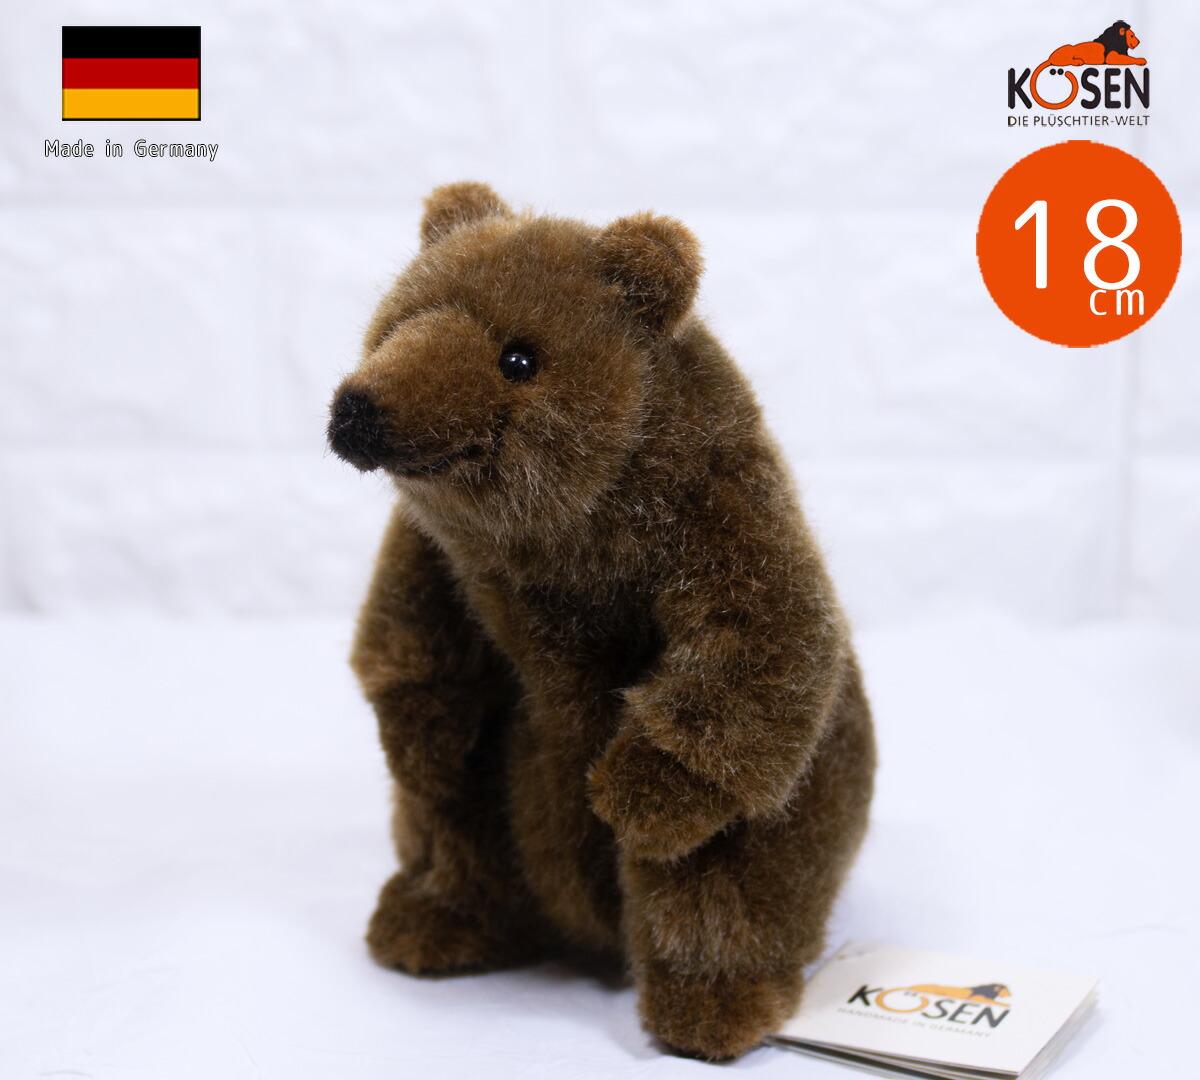 ケーセン ぬいぐるみ kosen お座りベア 茶 18cm Brown Bear Mini クマ くま テディベア リアル 動物